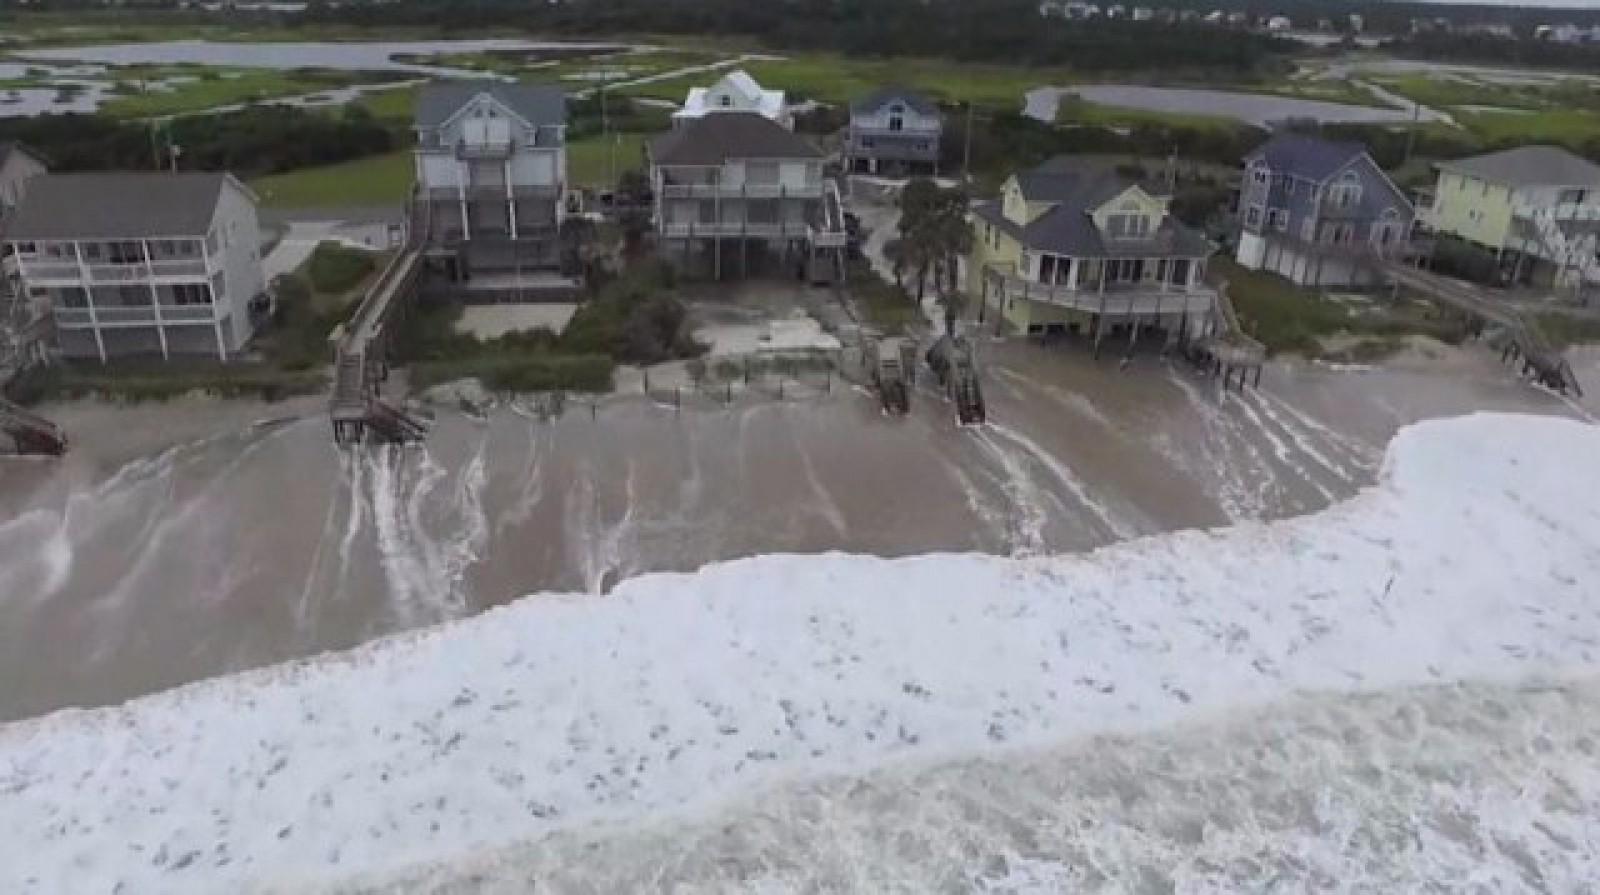 """(video) Uraganul Florence a atins coasta de est a SUA: Vânturi, ploi abundente și avertismente de inundații """"catastrofale"""""""